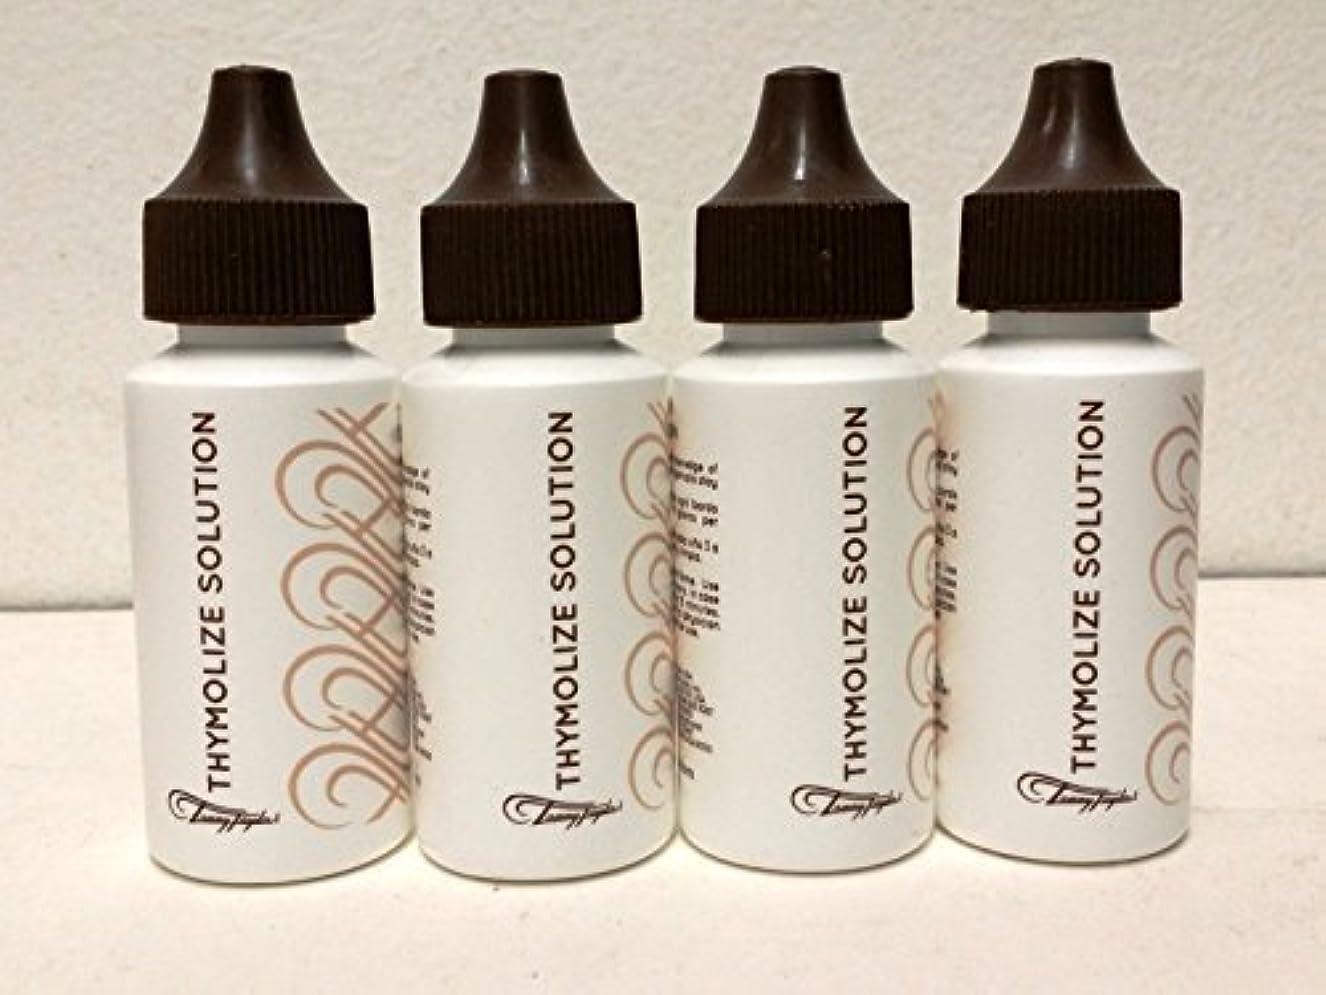 ふざけたふざけた従事するTammy Taylor Nail Treatments - Thymolize Solution - 1oz / 30ml